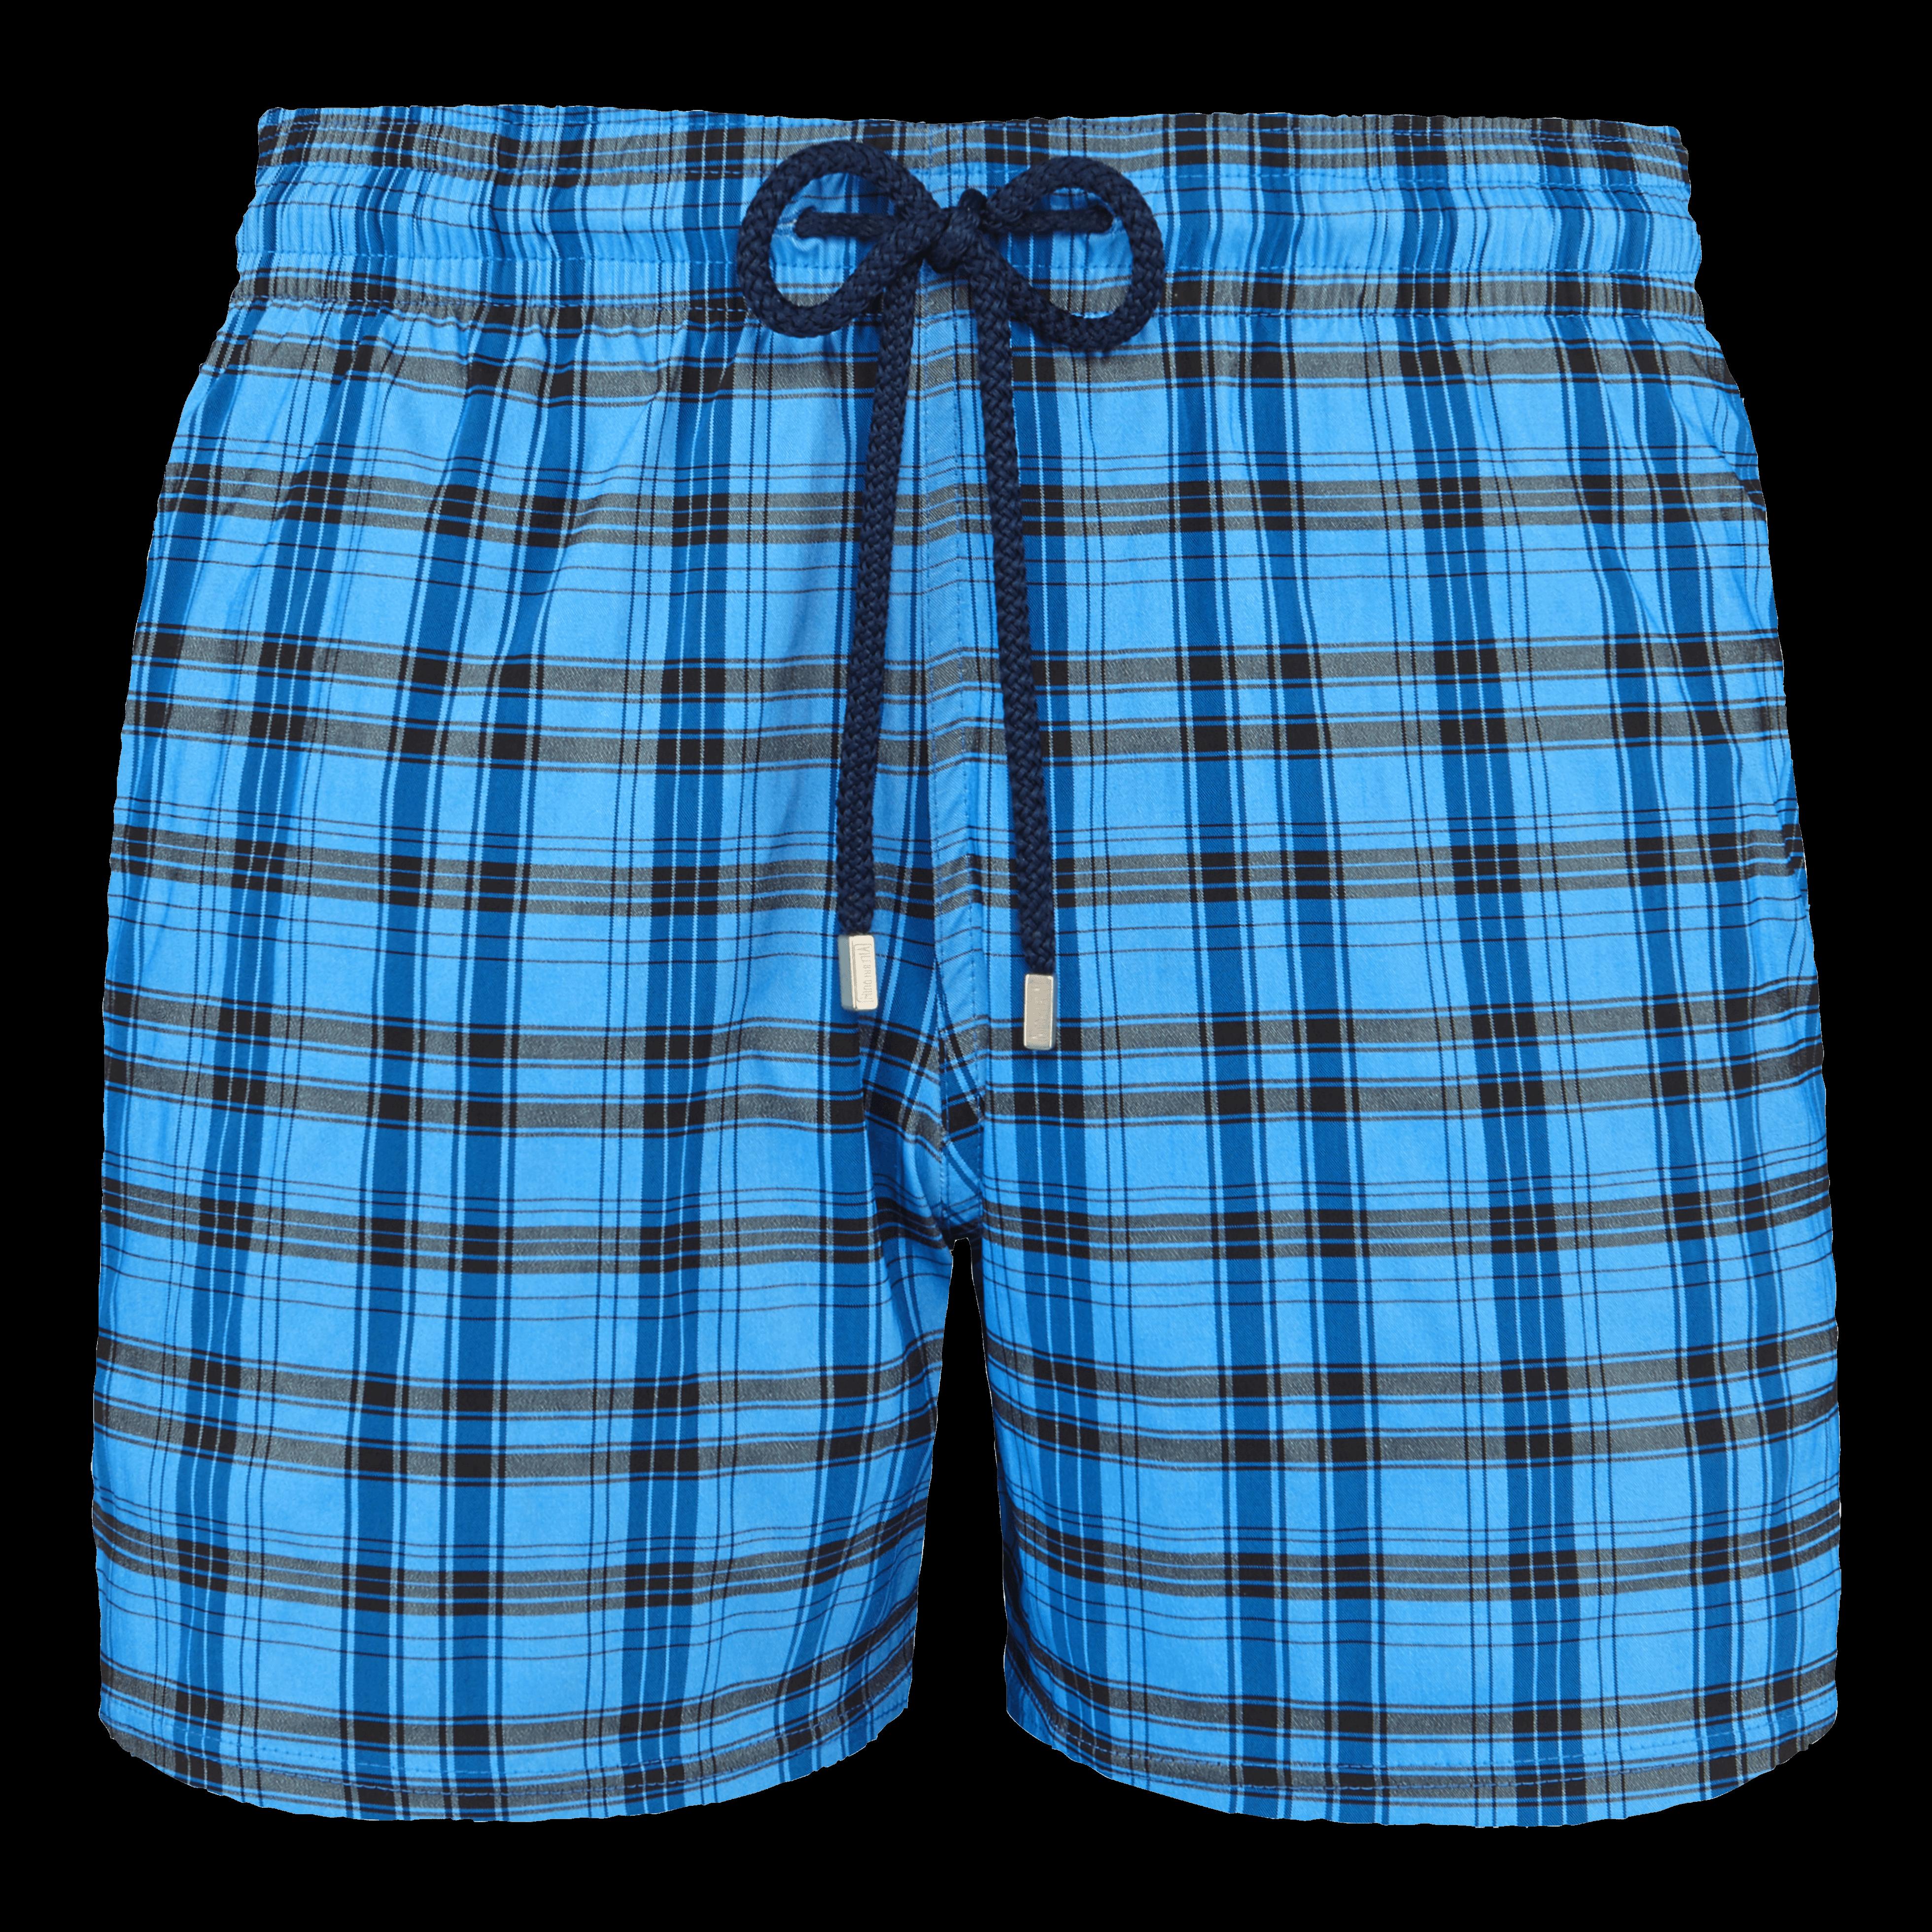 Maillots de bain Homme - Men swimwear stretch Carrreaux - MAILLOT DE BAIN - MOORISE - Bleu - XXXL -